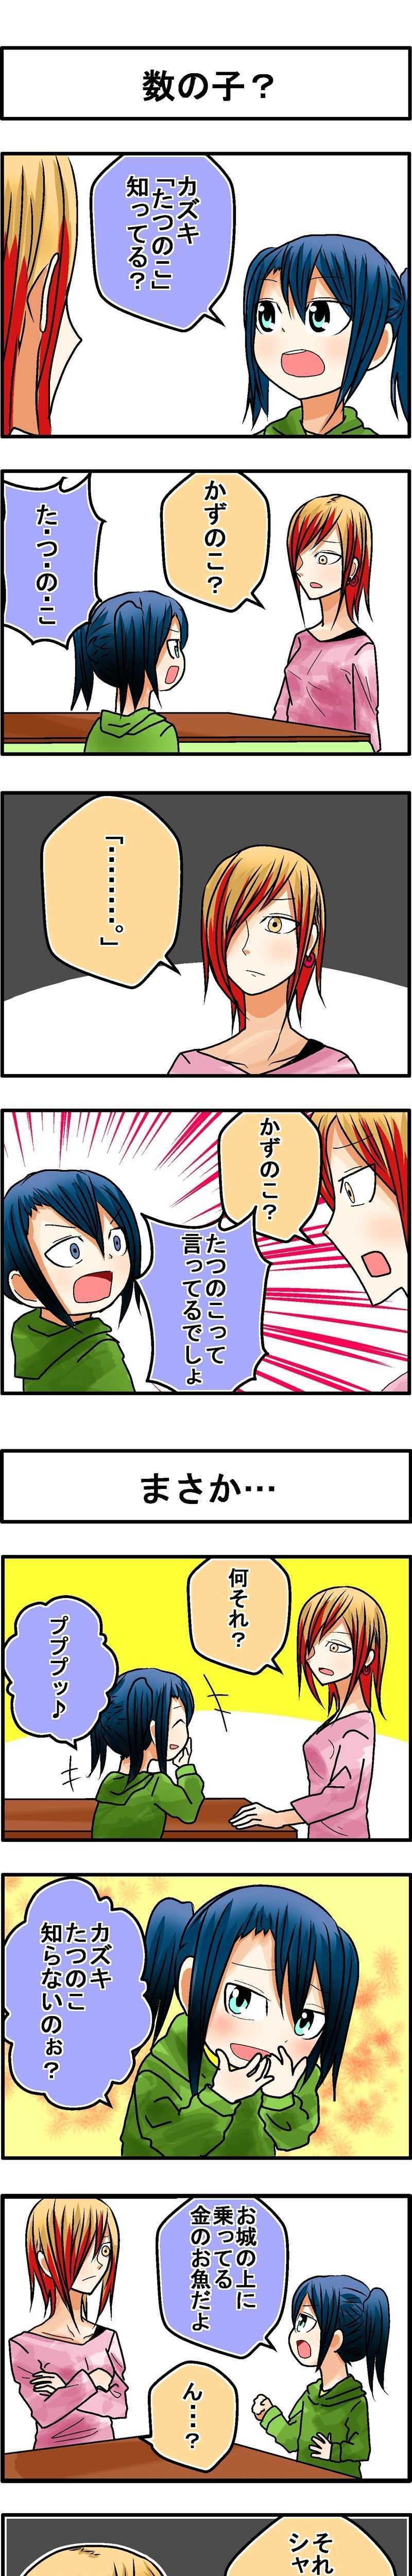 #05「うろ覚え」